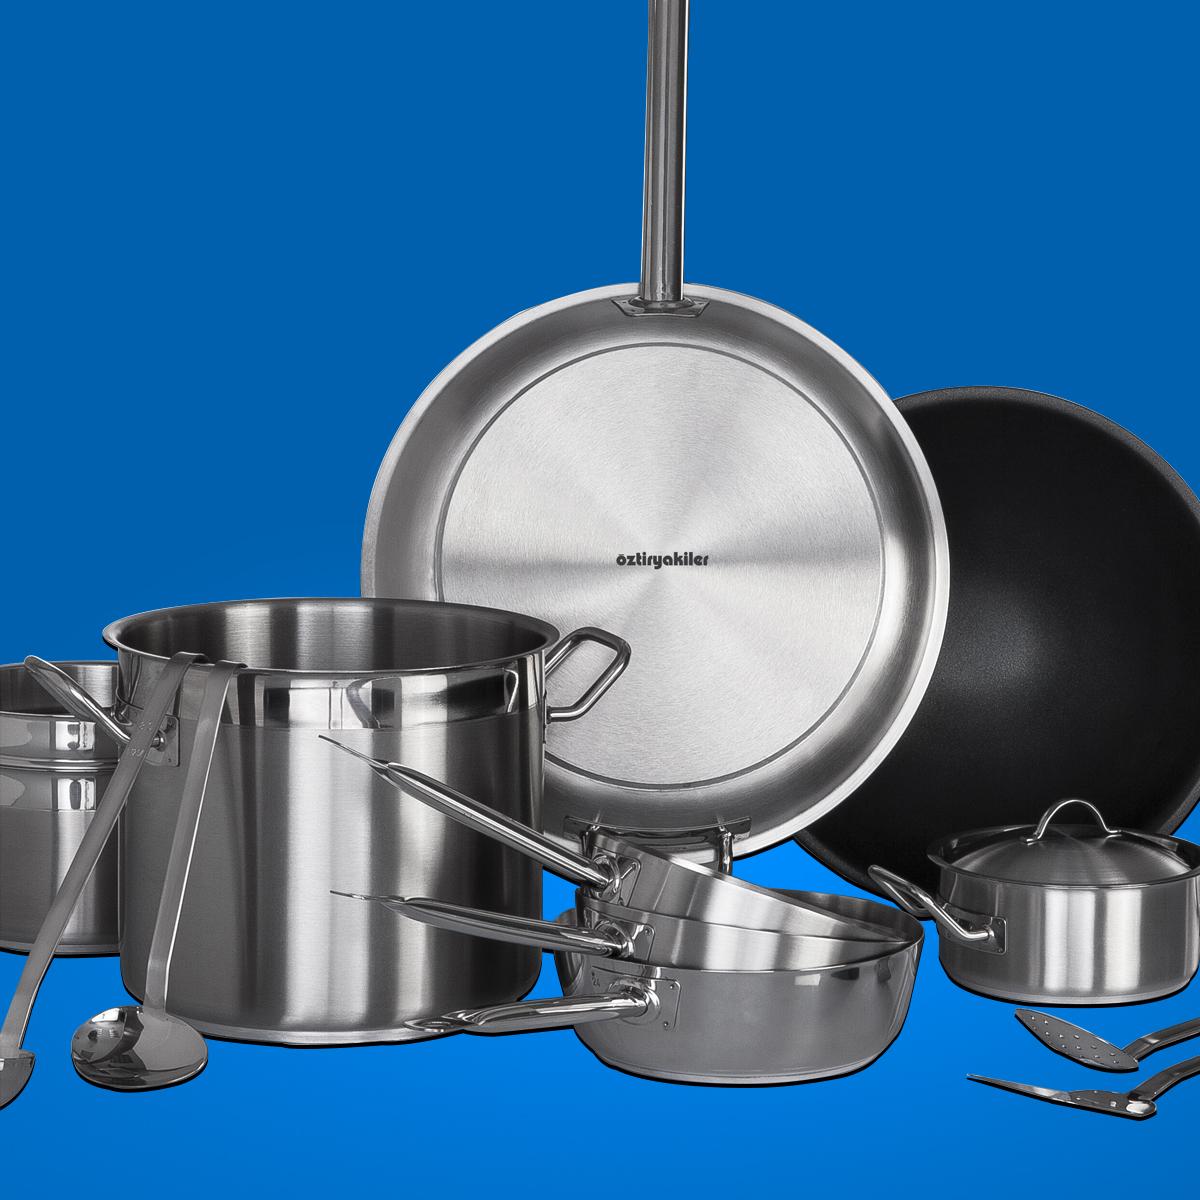 Mutfak Setüstü Malzemeleri